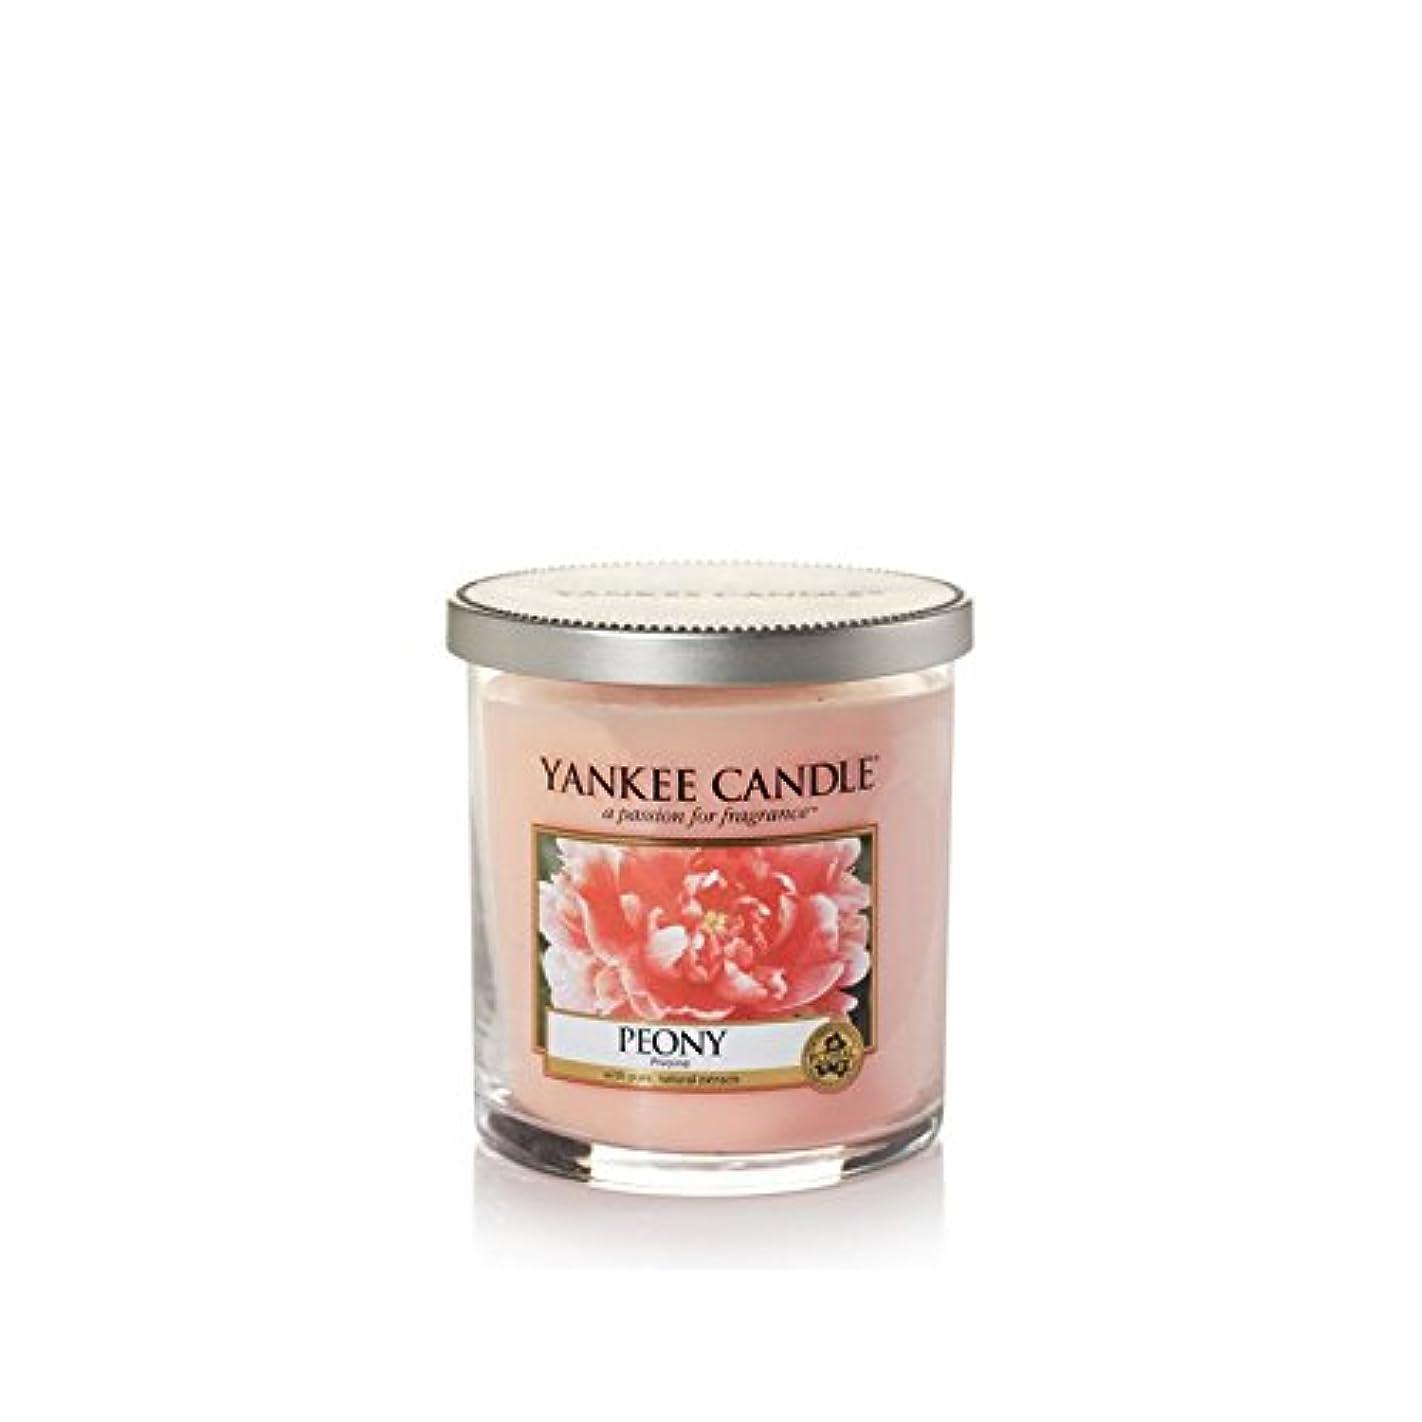 うんざりビルダー発生Yankee Candles Small Pillar Candle - Peony (Pack of 2) - ヤンキーキャンドルの小さな柱キャンドル - 牡丹 (x2) [並行輸入品]